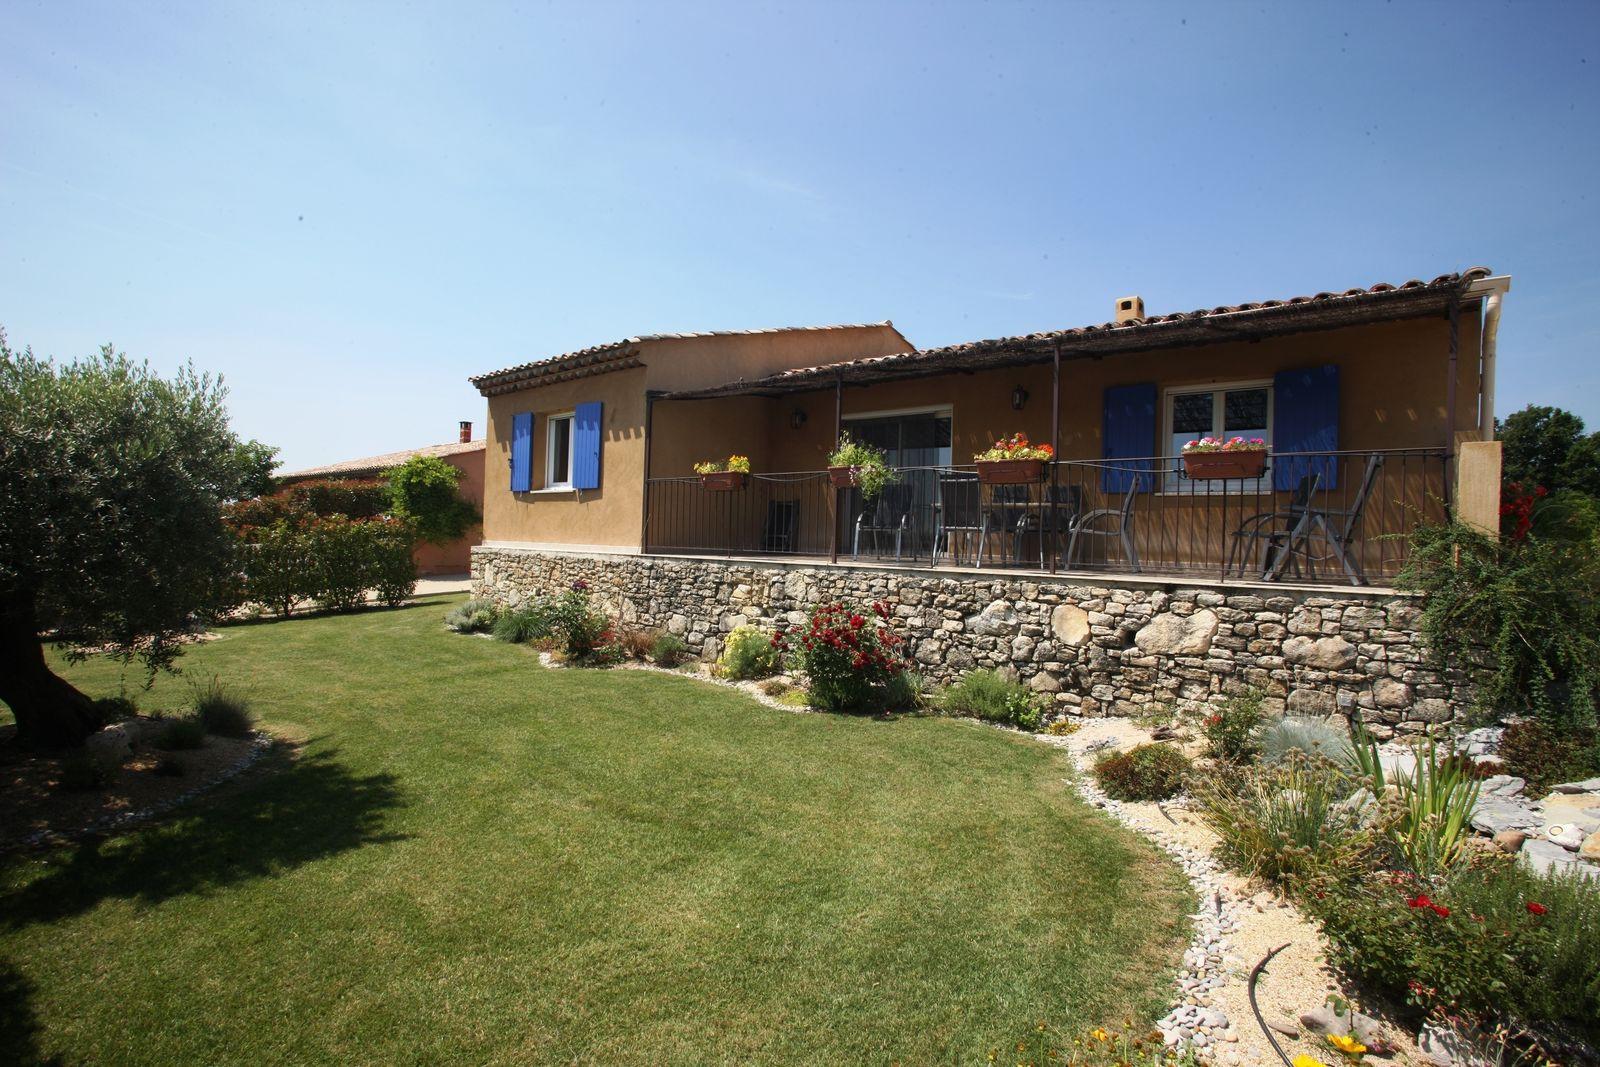 Afbeelding van Park Beaudine - vakantievilla T4 met prive-zwembad in de Provence, Frankrijk